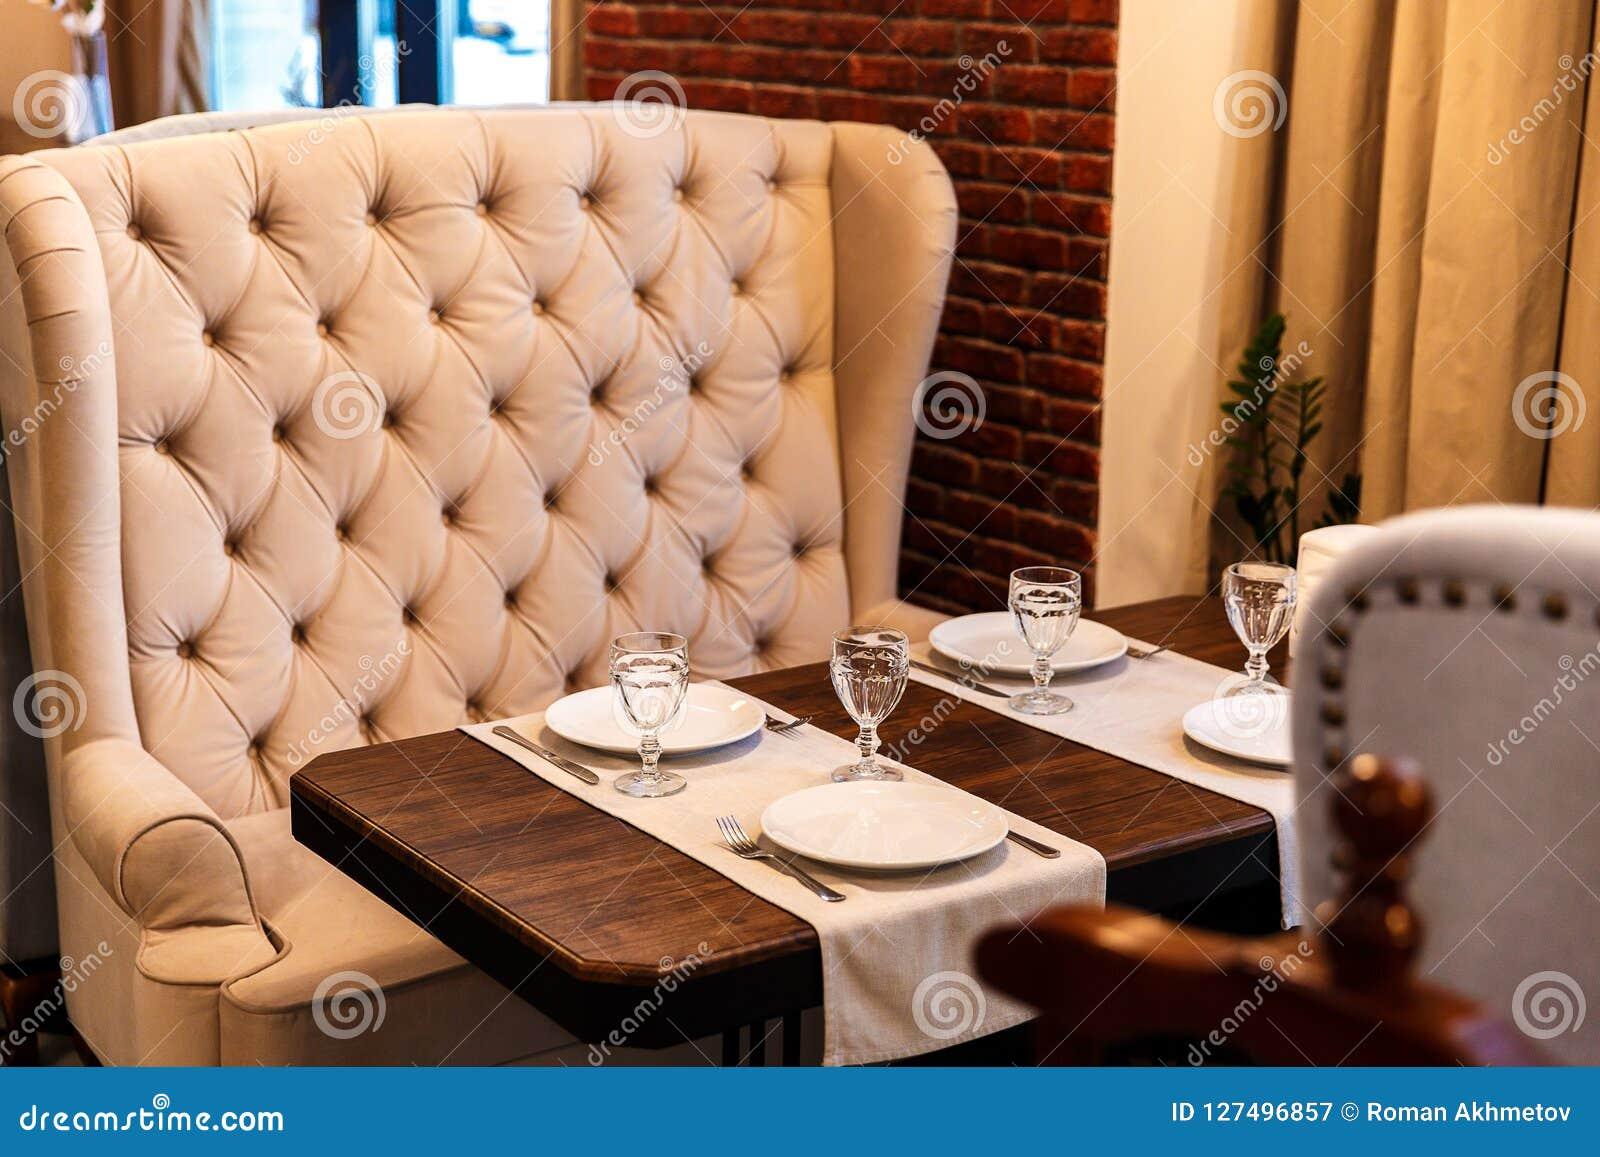 在咖啡馆的表,服务在咖啡馆,葡萄酒米黄沙发,木桌